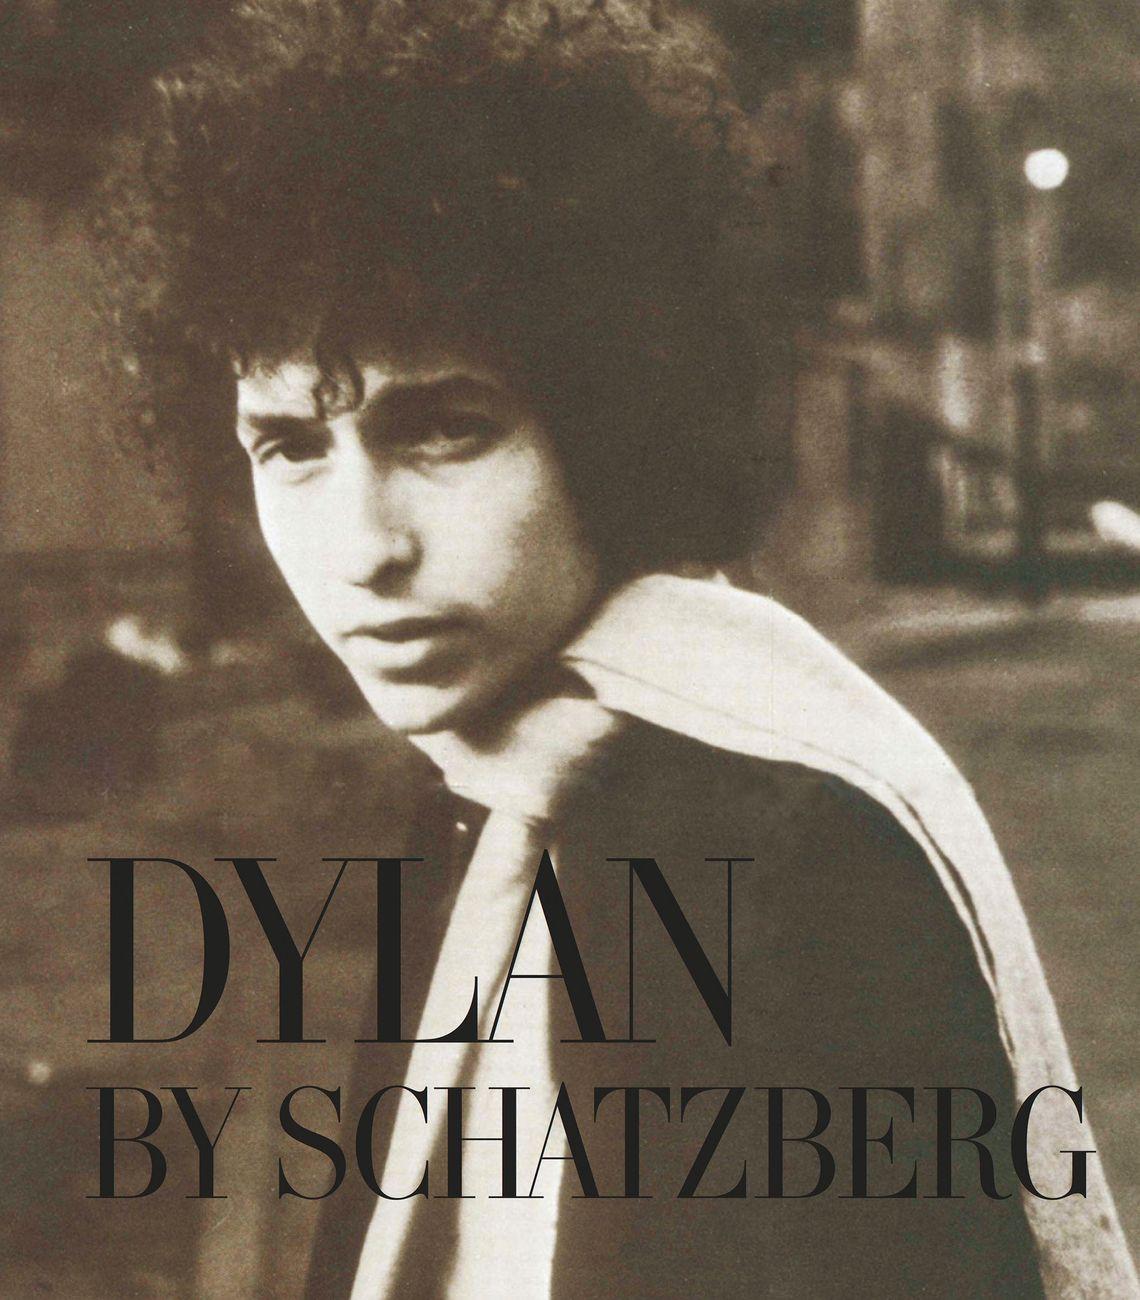 Dylan - Schatzberg (Skira, Milano 2018)